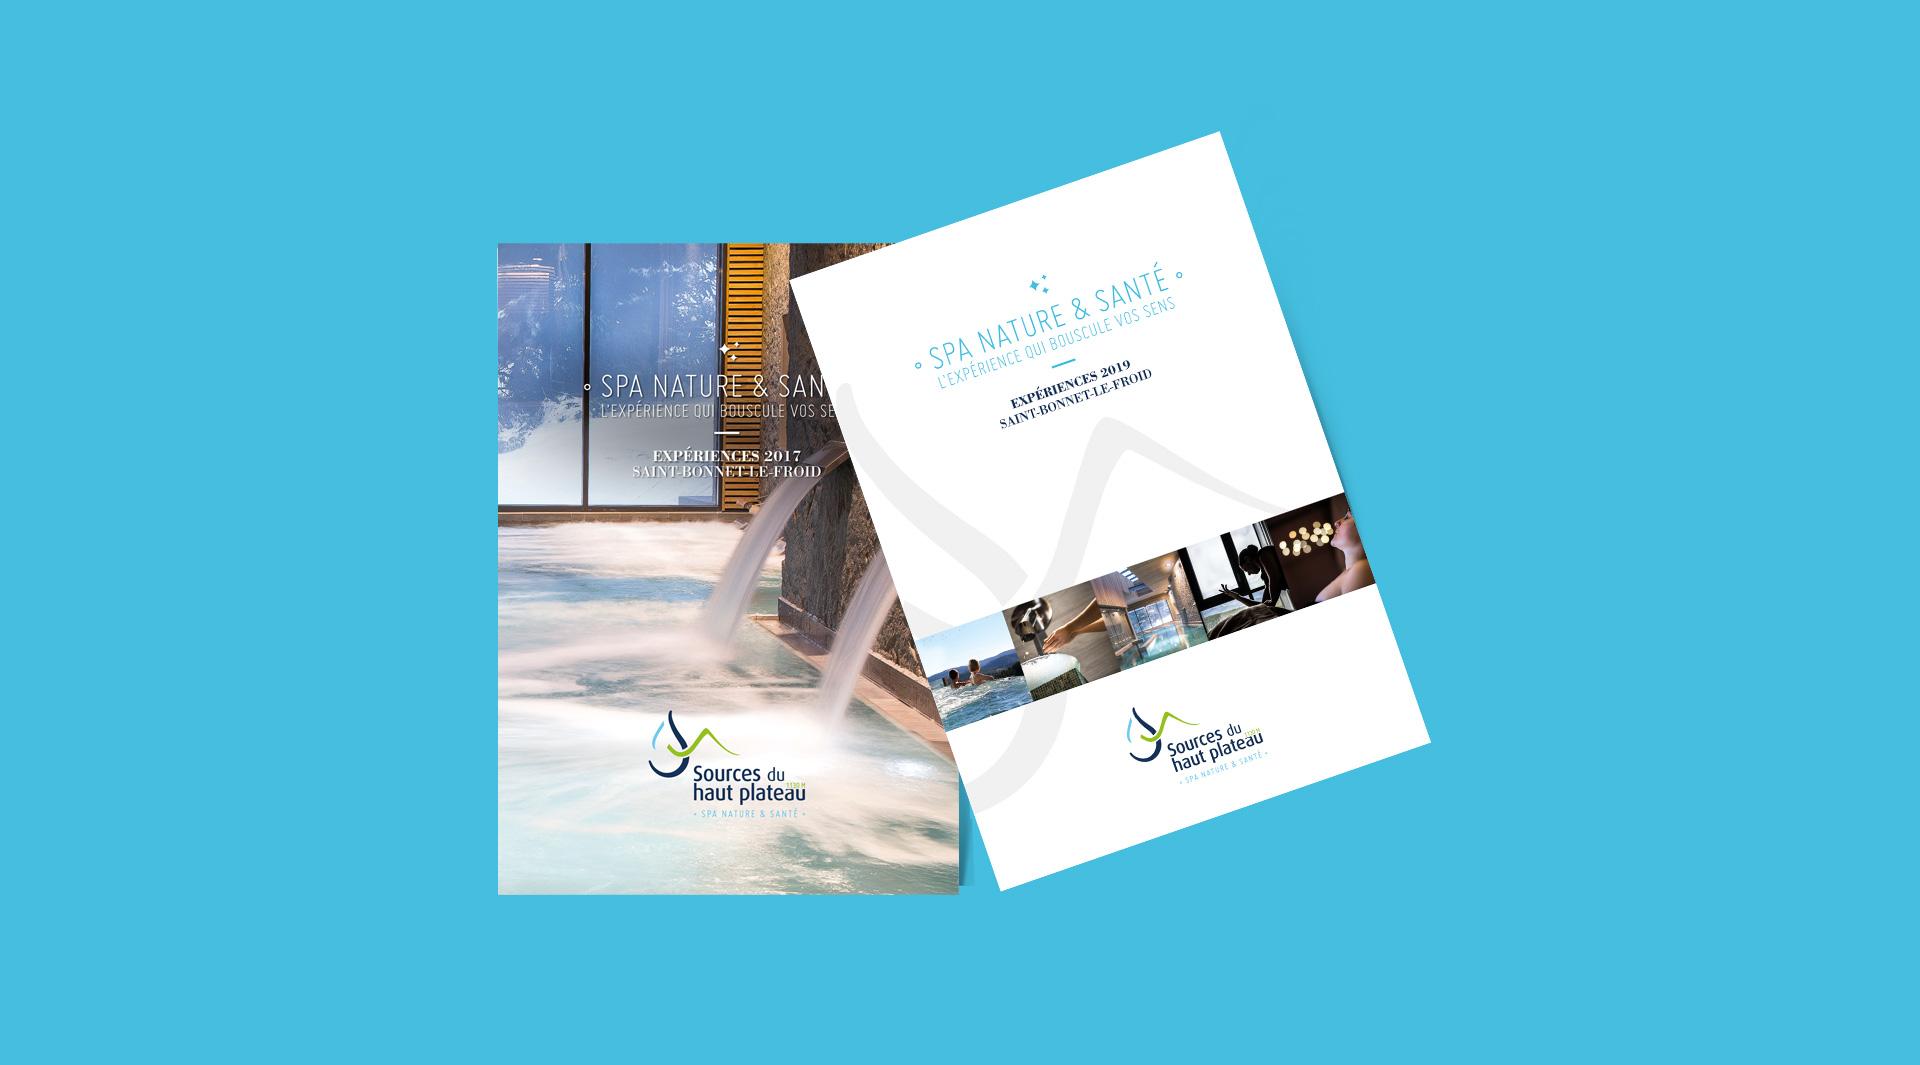 L'agence studio n°3 créé des brochures pour les Sources du haut plateau